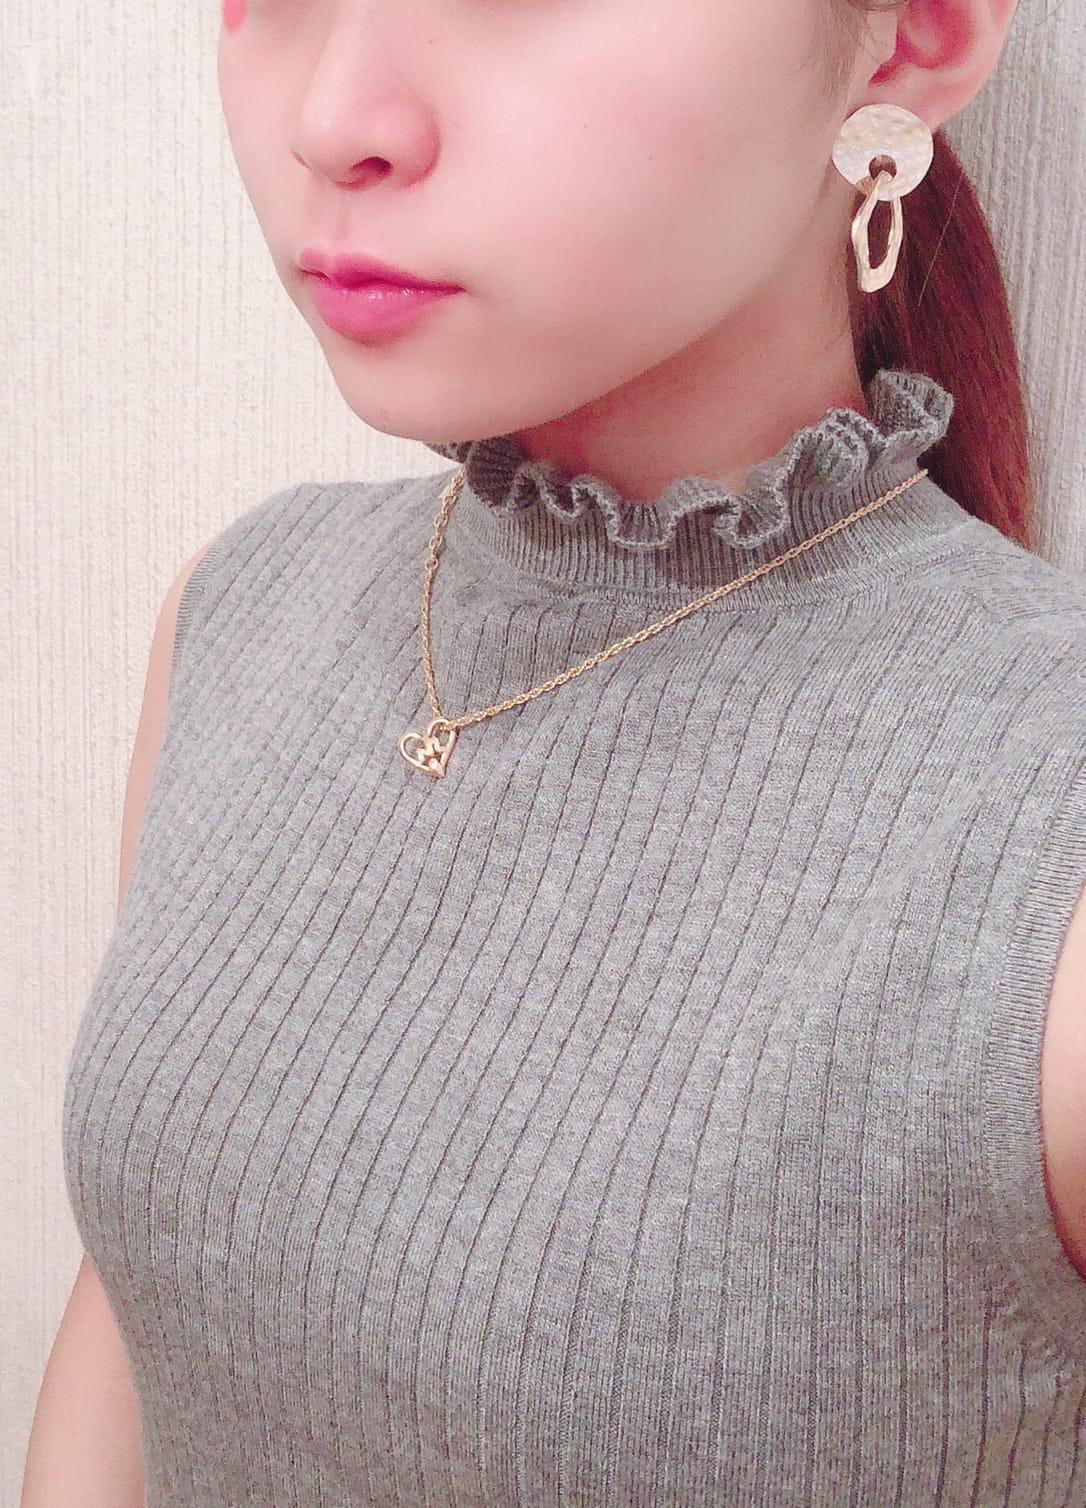 「こんにちは♡」08/29(08/29) 15:37   さき★の写メ・風俗動画